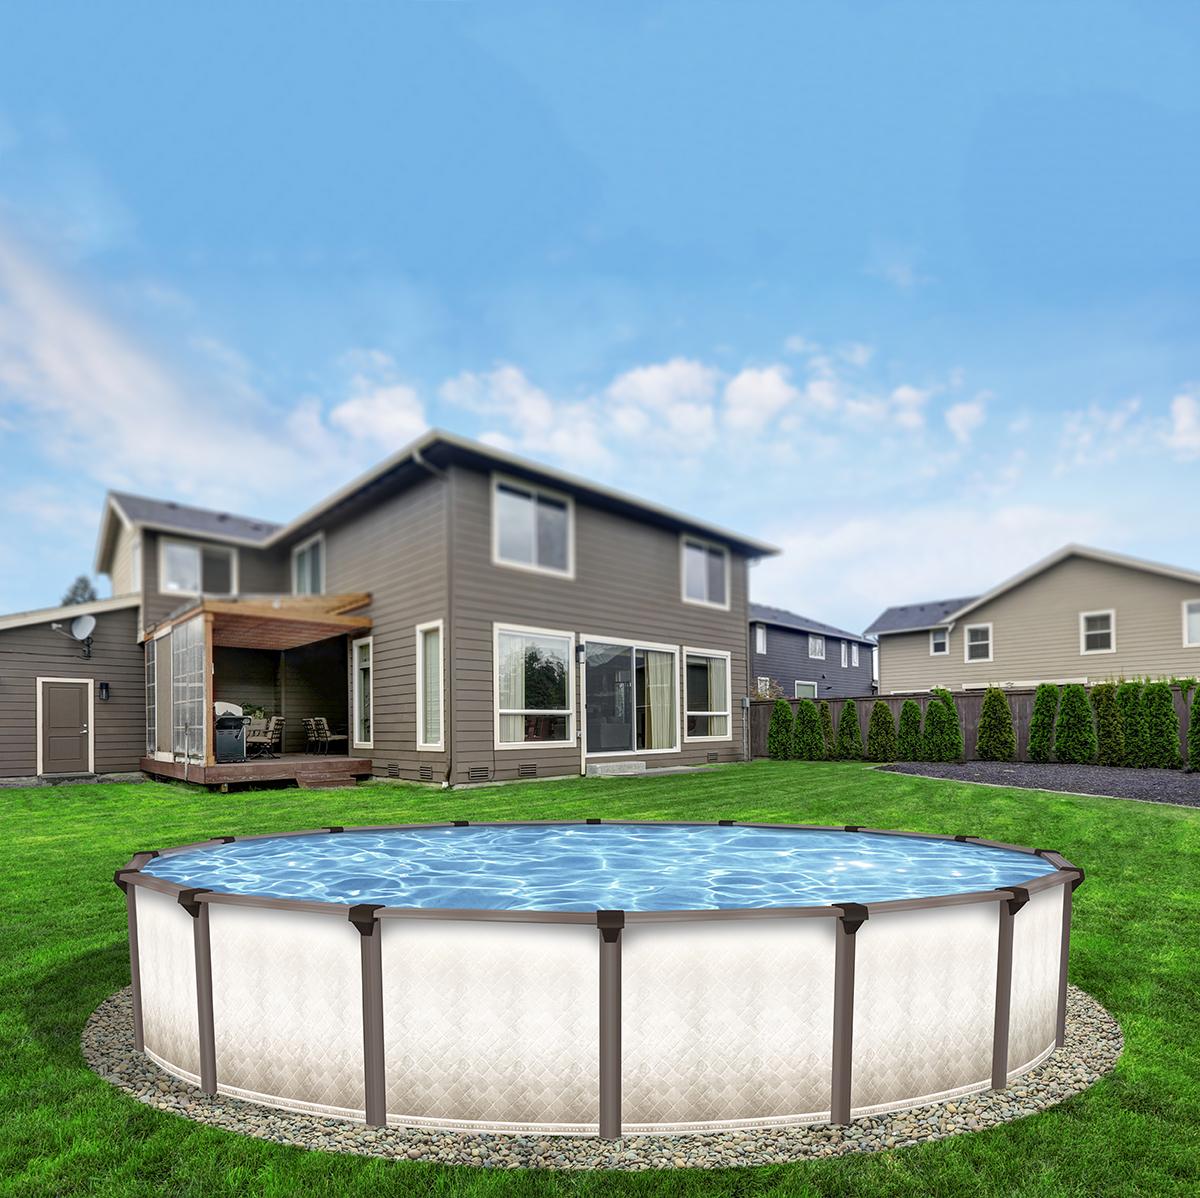 Piscine hors terre ara en acier concept piscine design for Piscine design concept